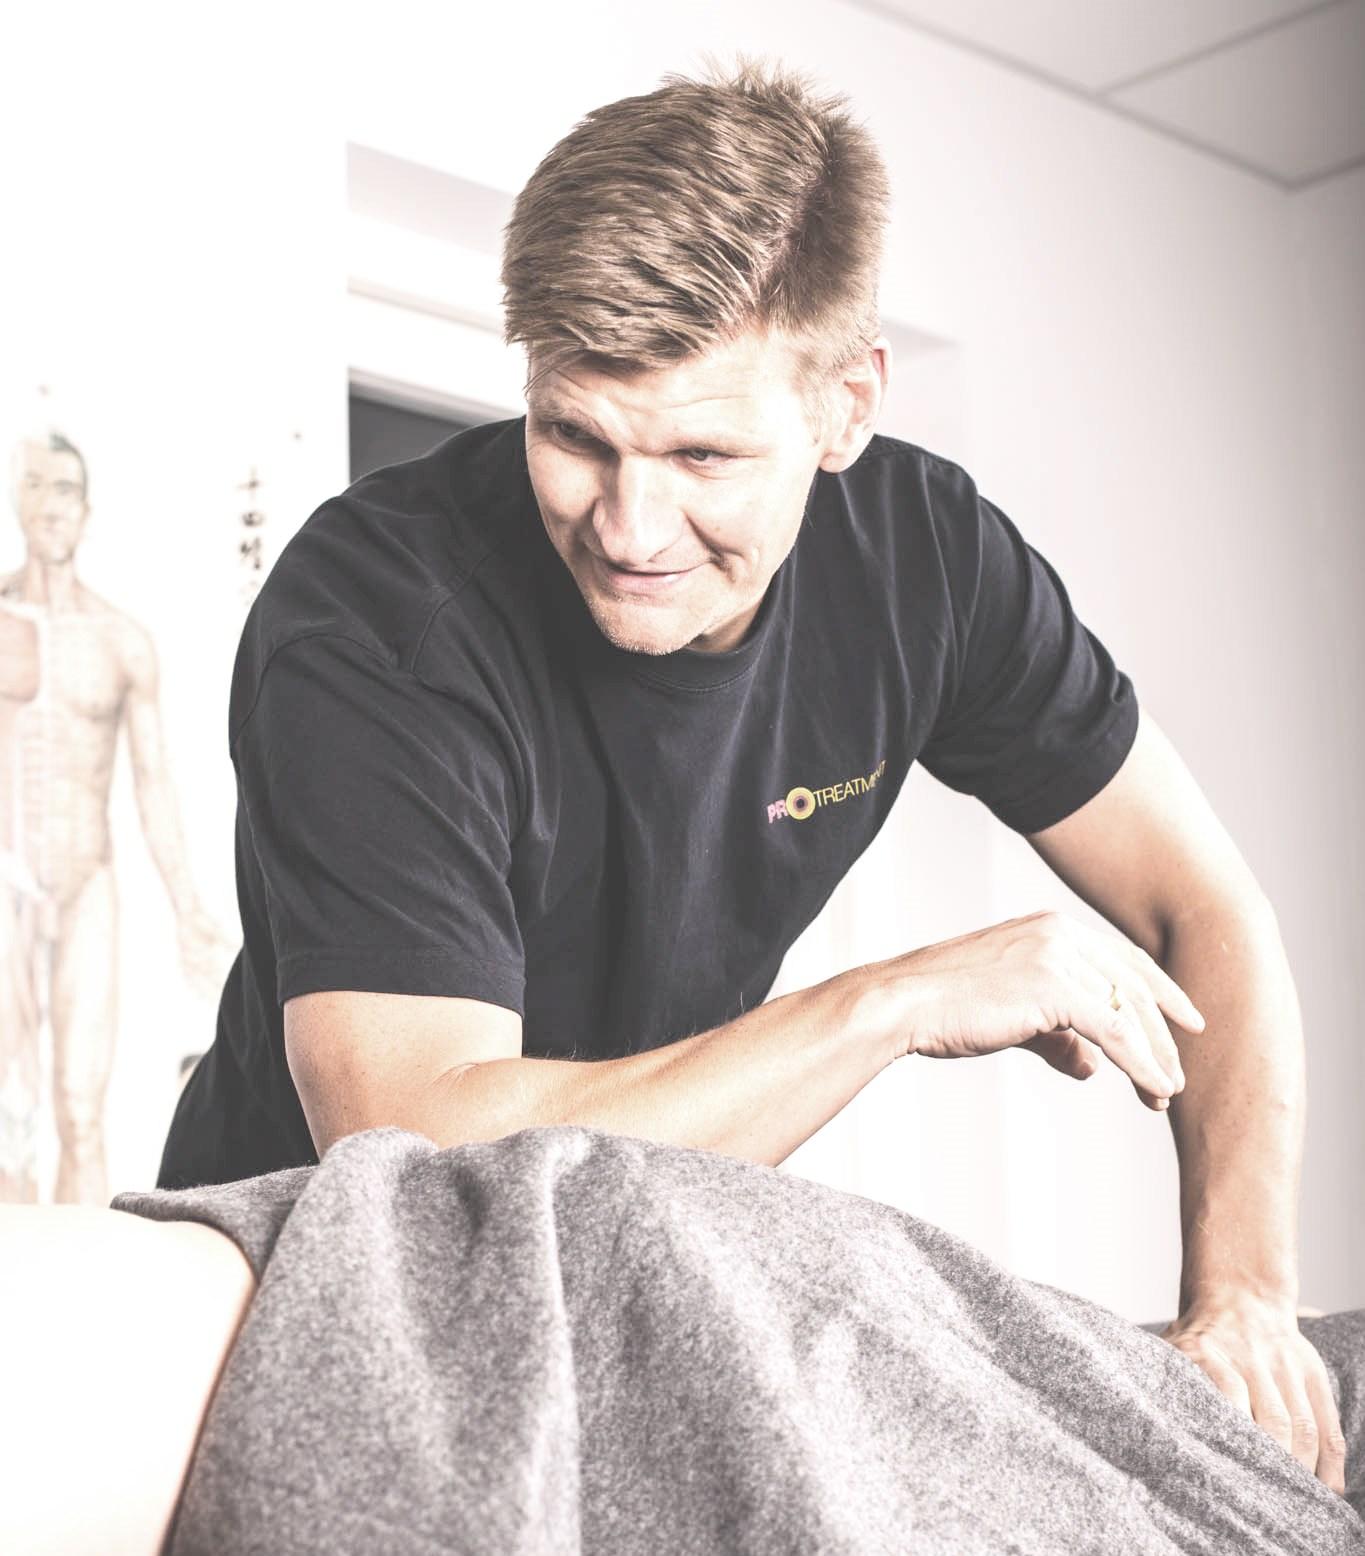 Portræt af Fysioterapeut Thomas Jørgensen